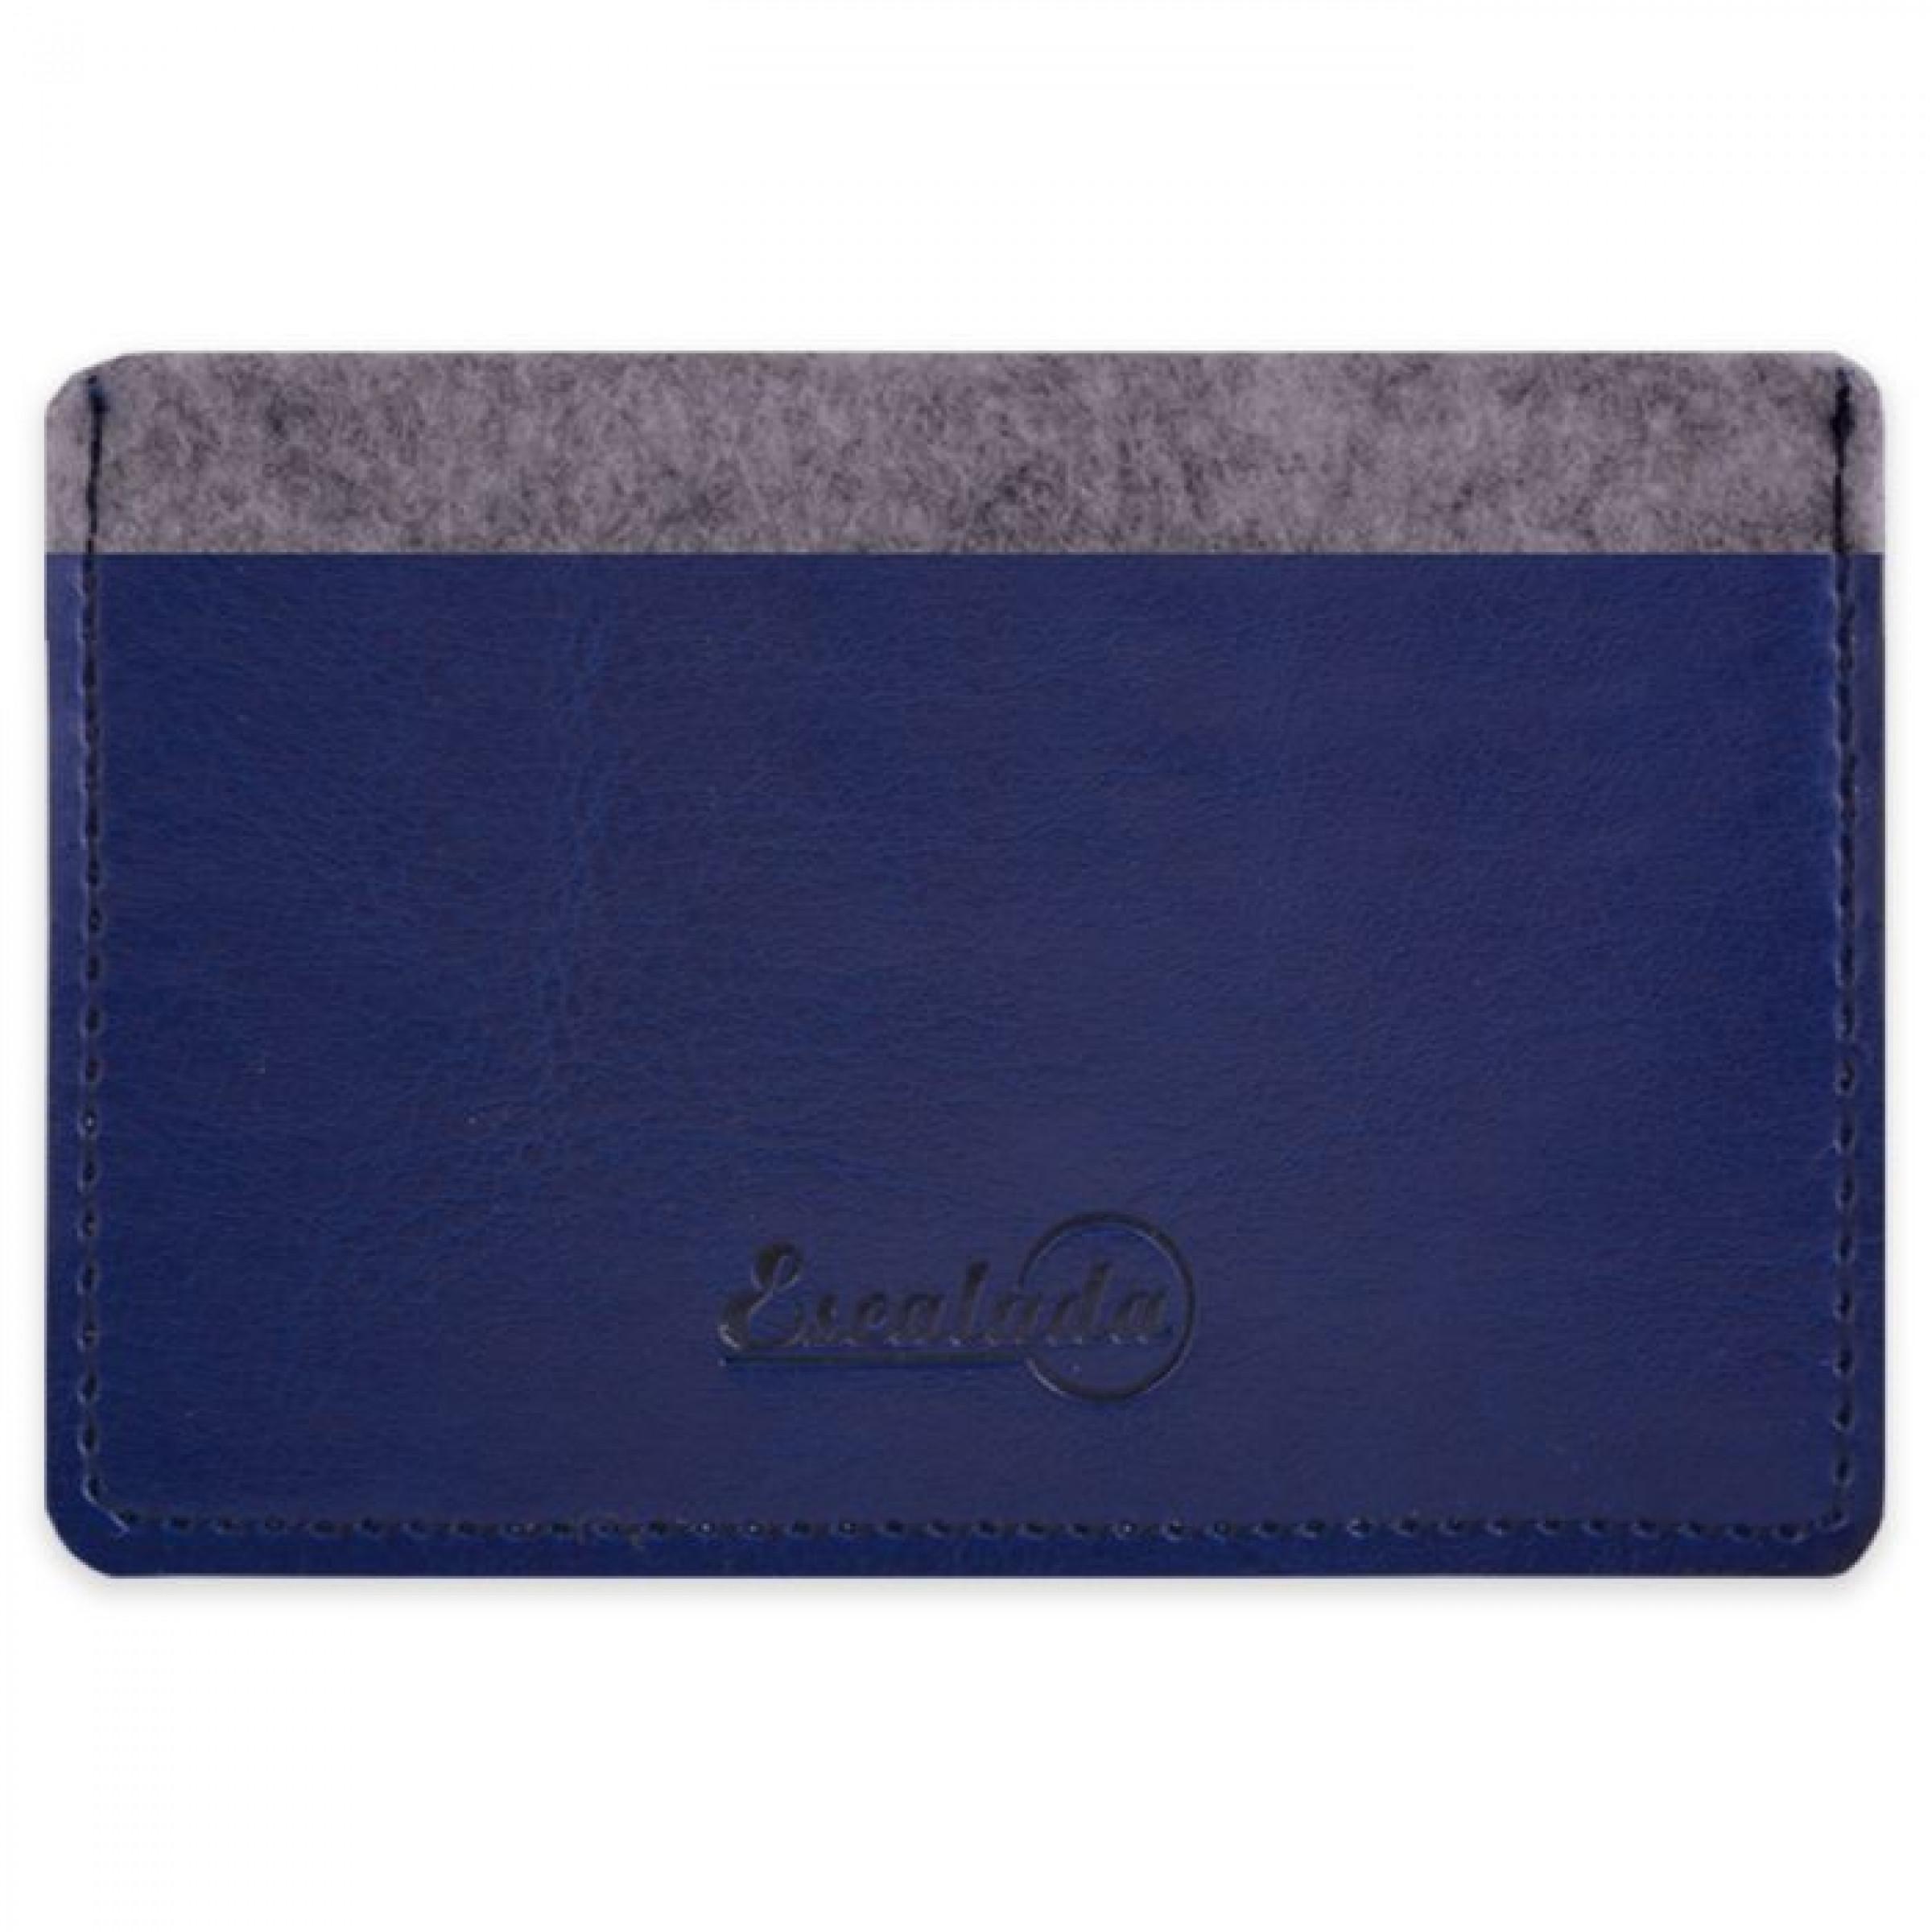 Чехол для пластиковых карт, сариф синий, 95х67 мм